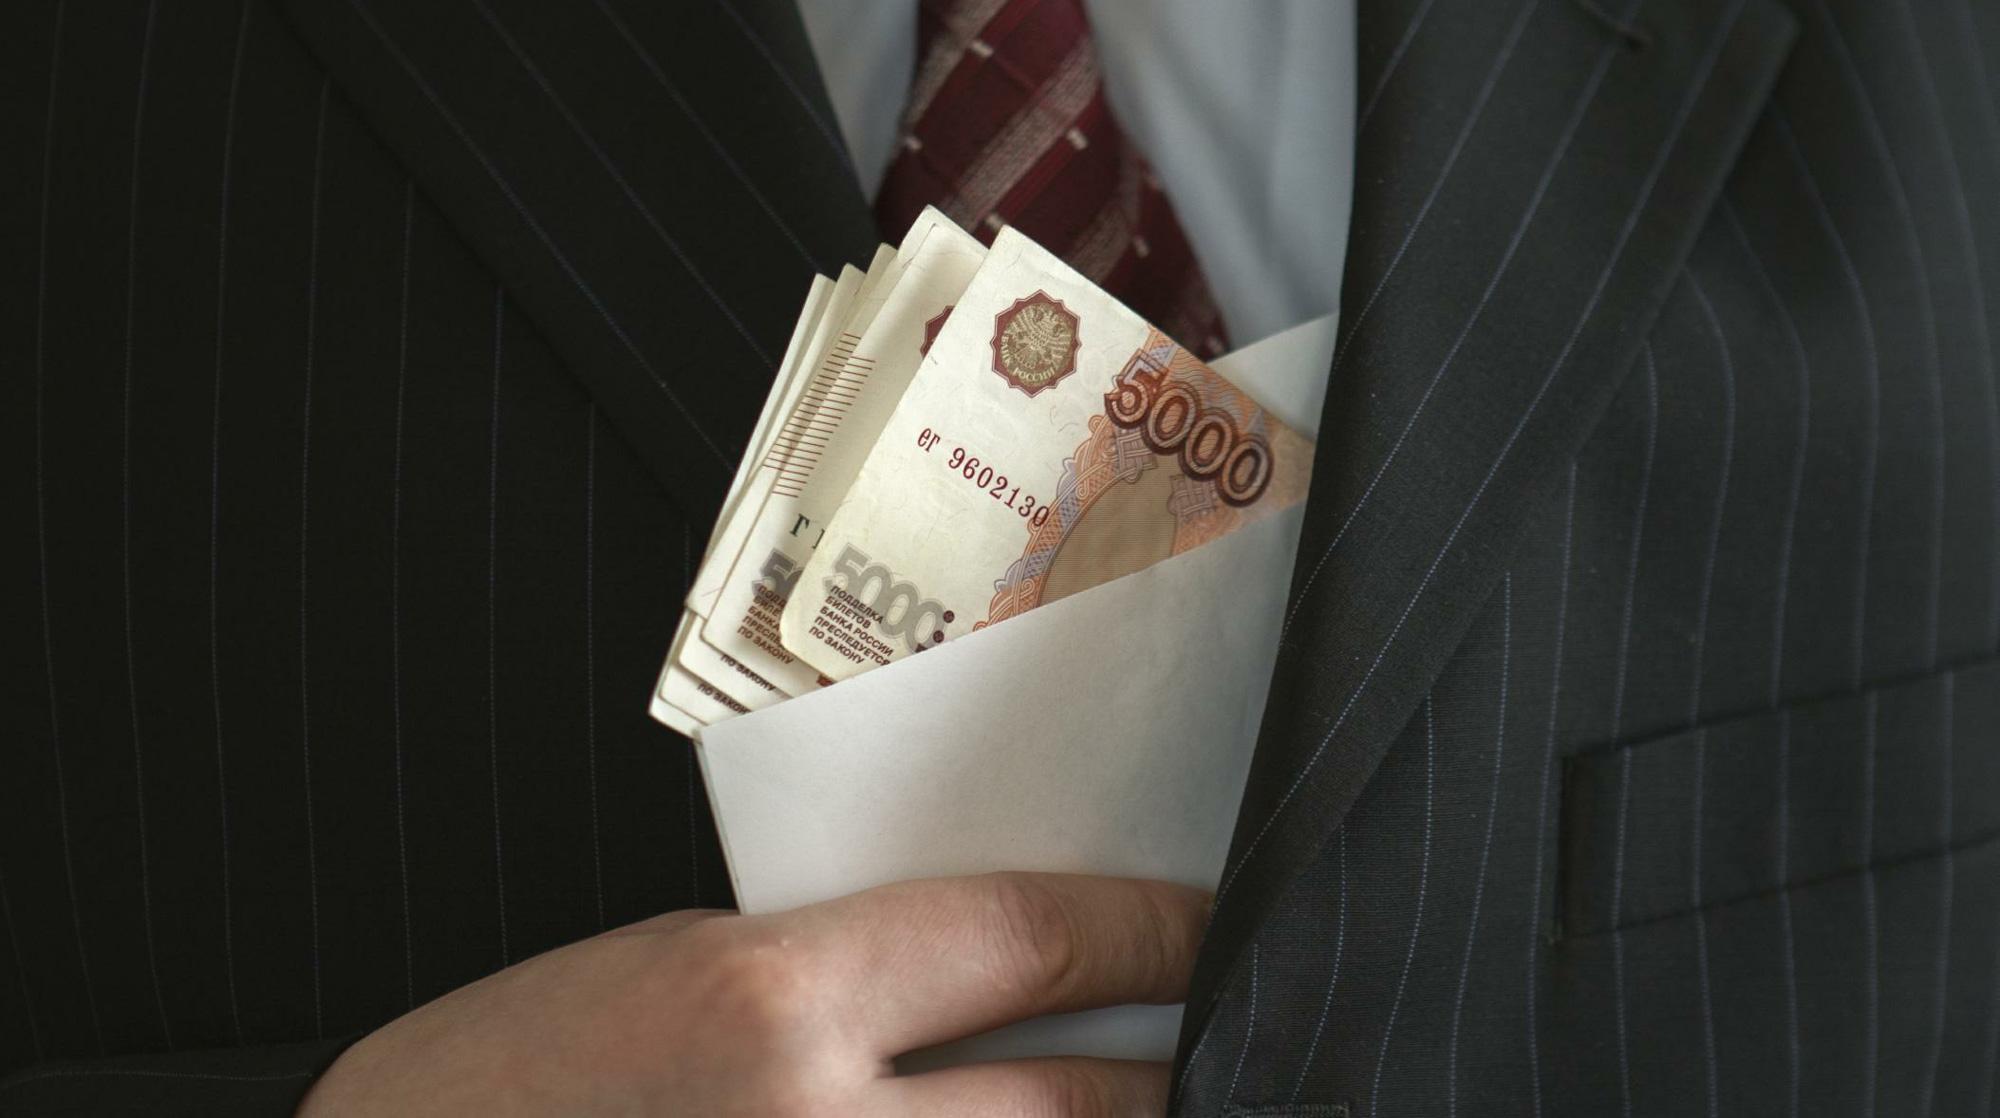 Оренбуржье заняло 7-е место среди регионов ПФО по коррупции